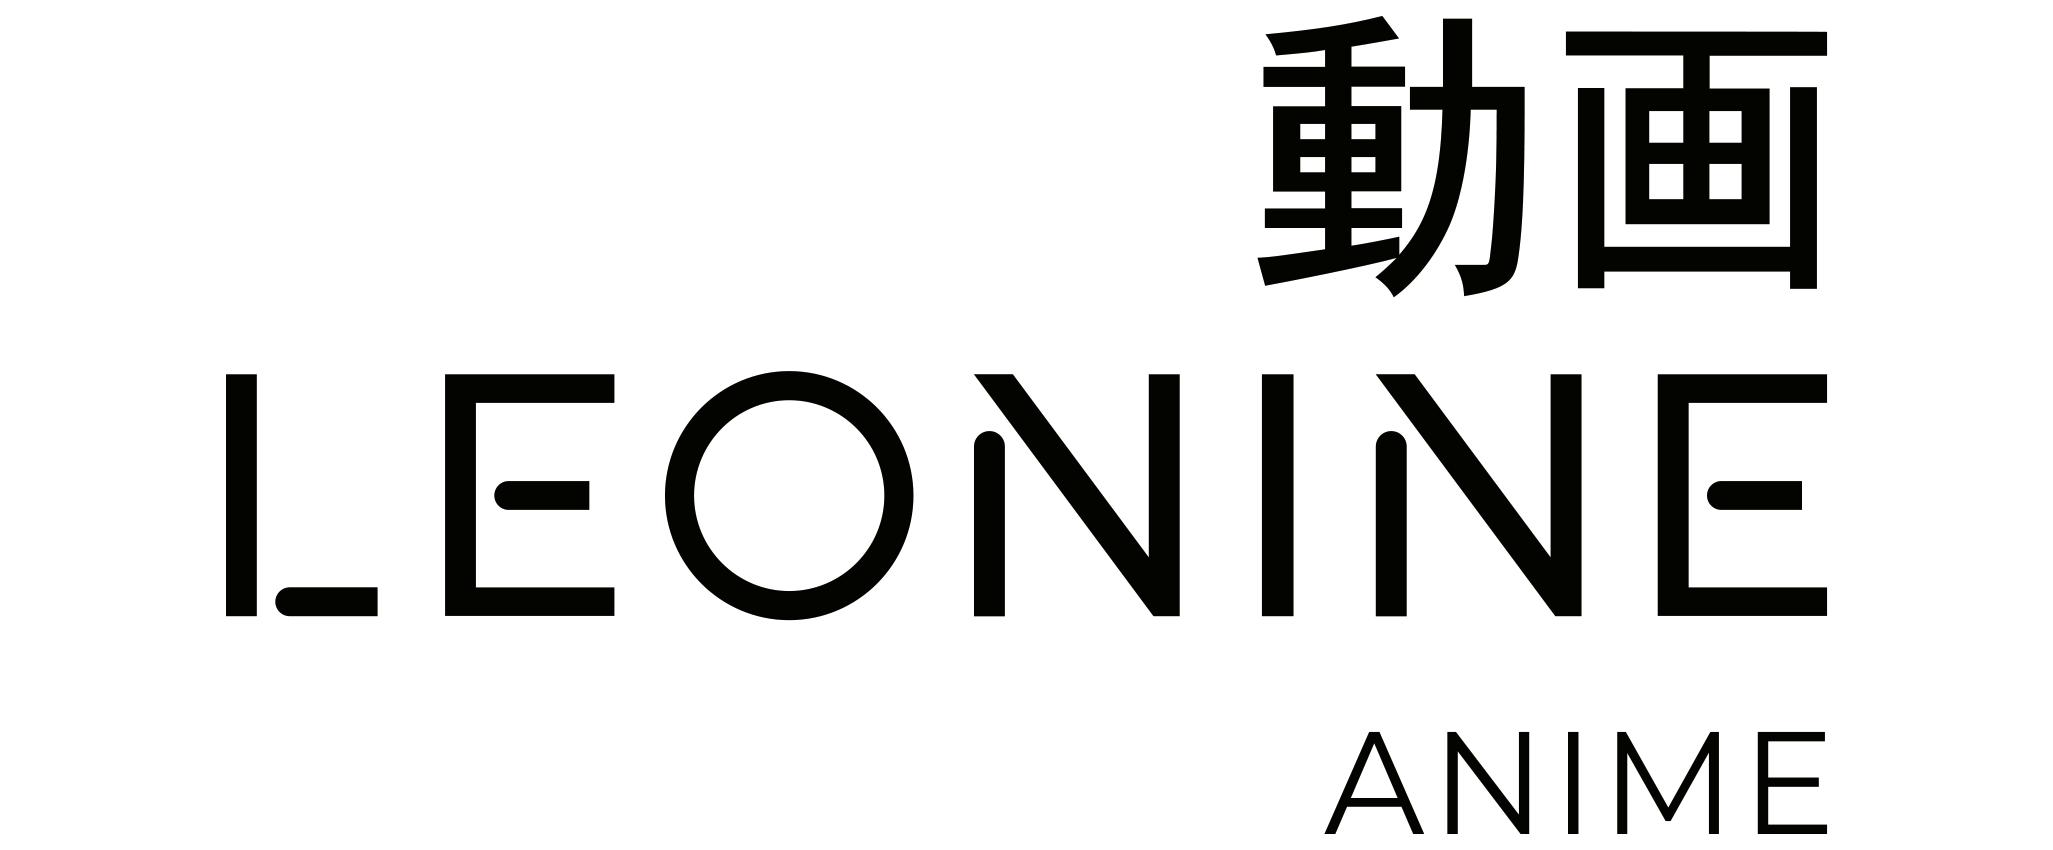 LEONINE Anime